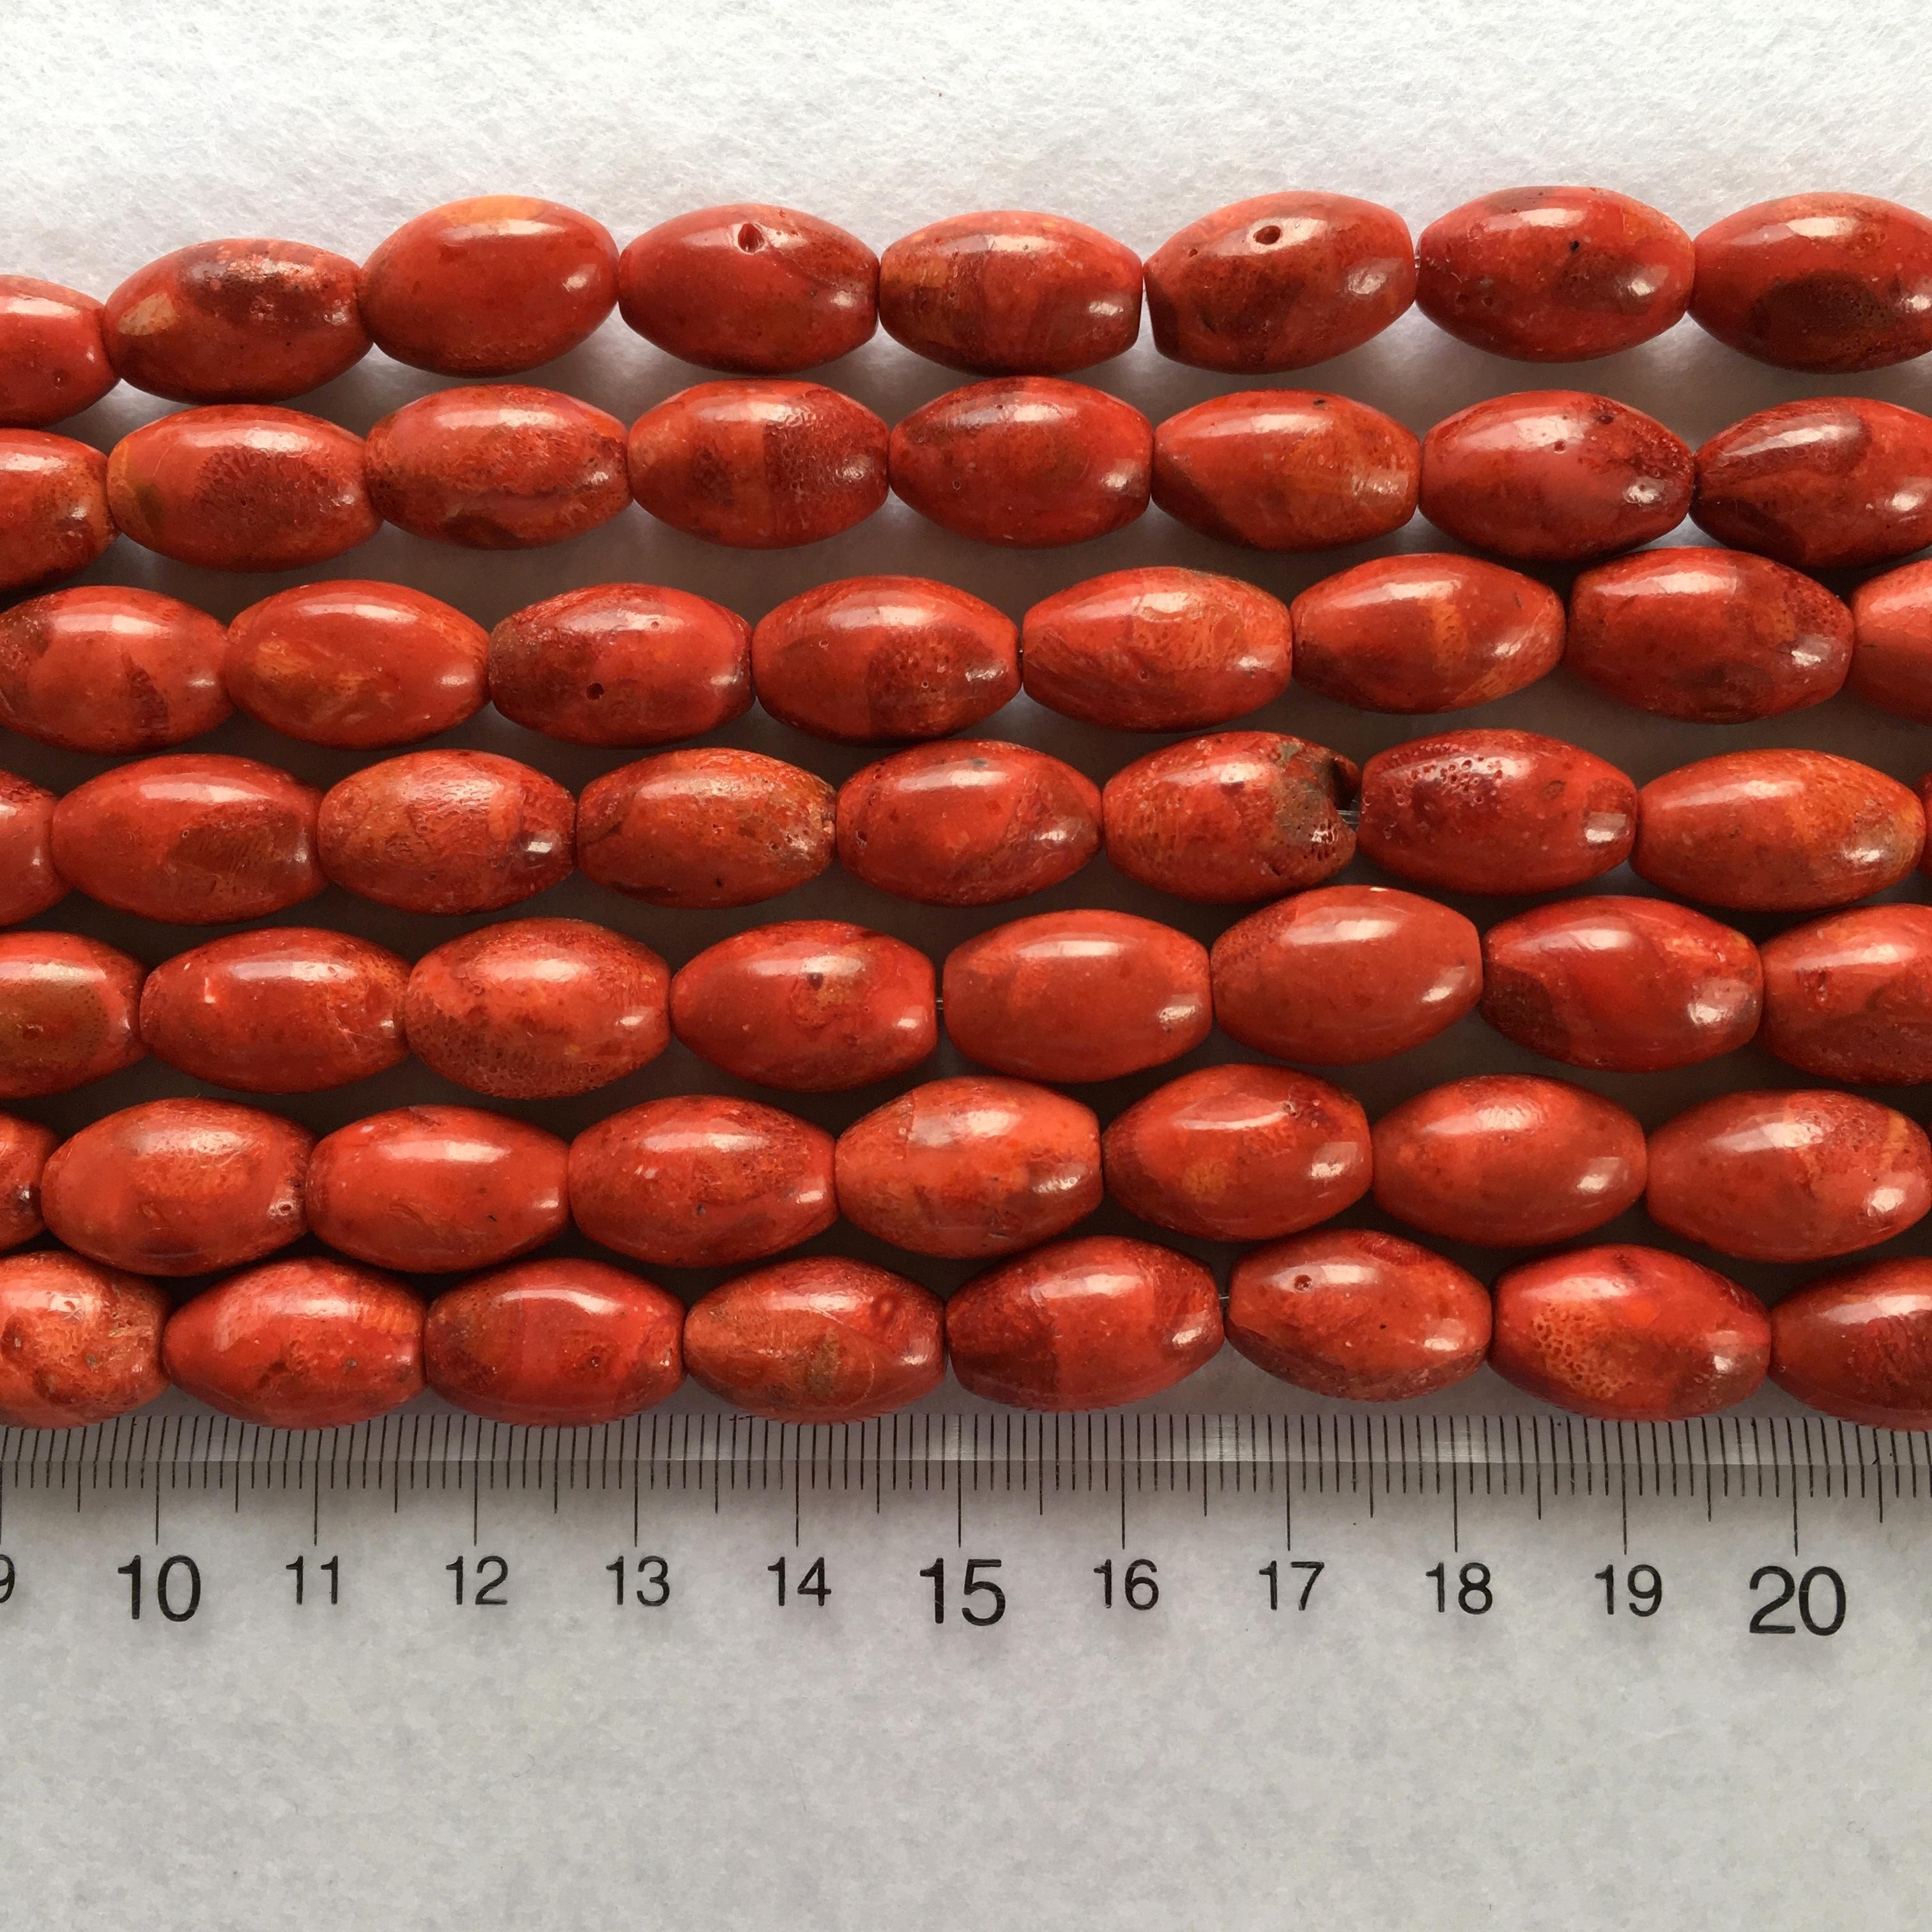 スポンジサンゴ バレル型 約16x10mm 連材【190160】